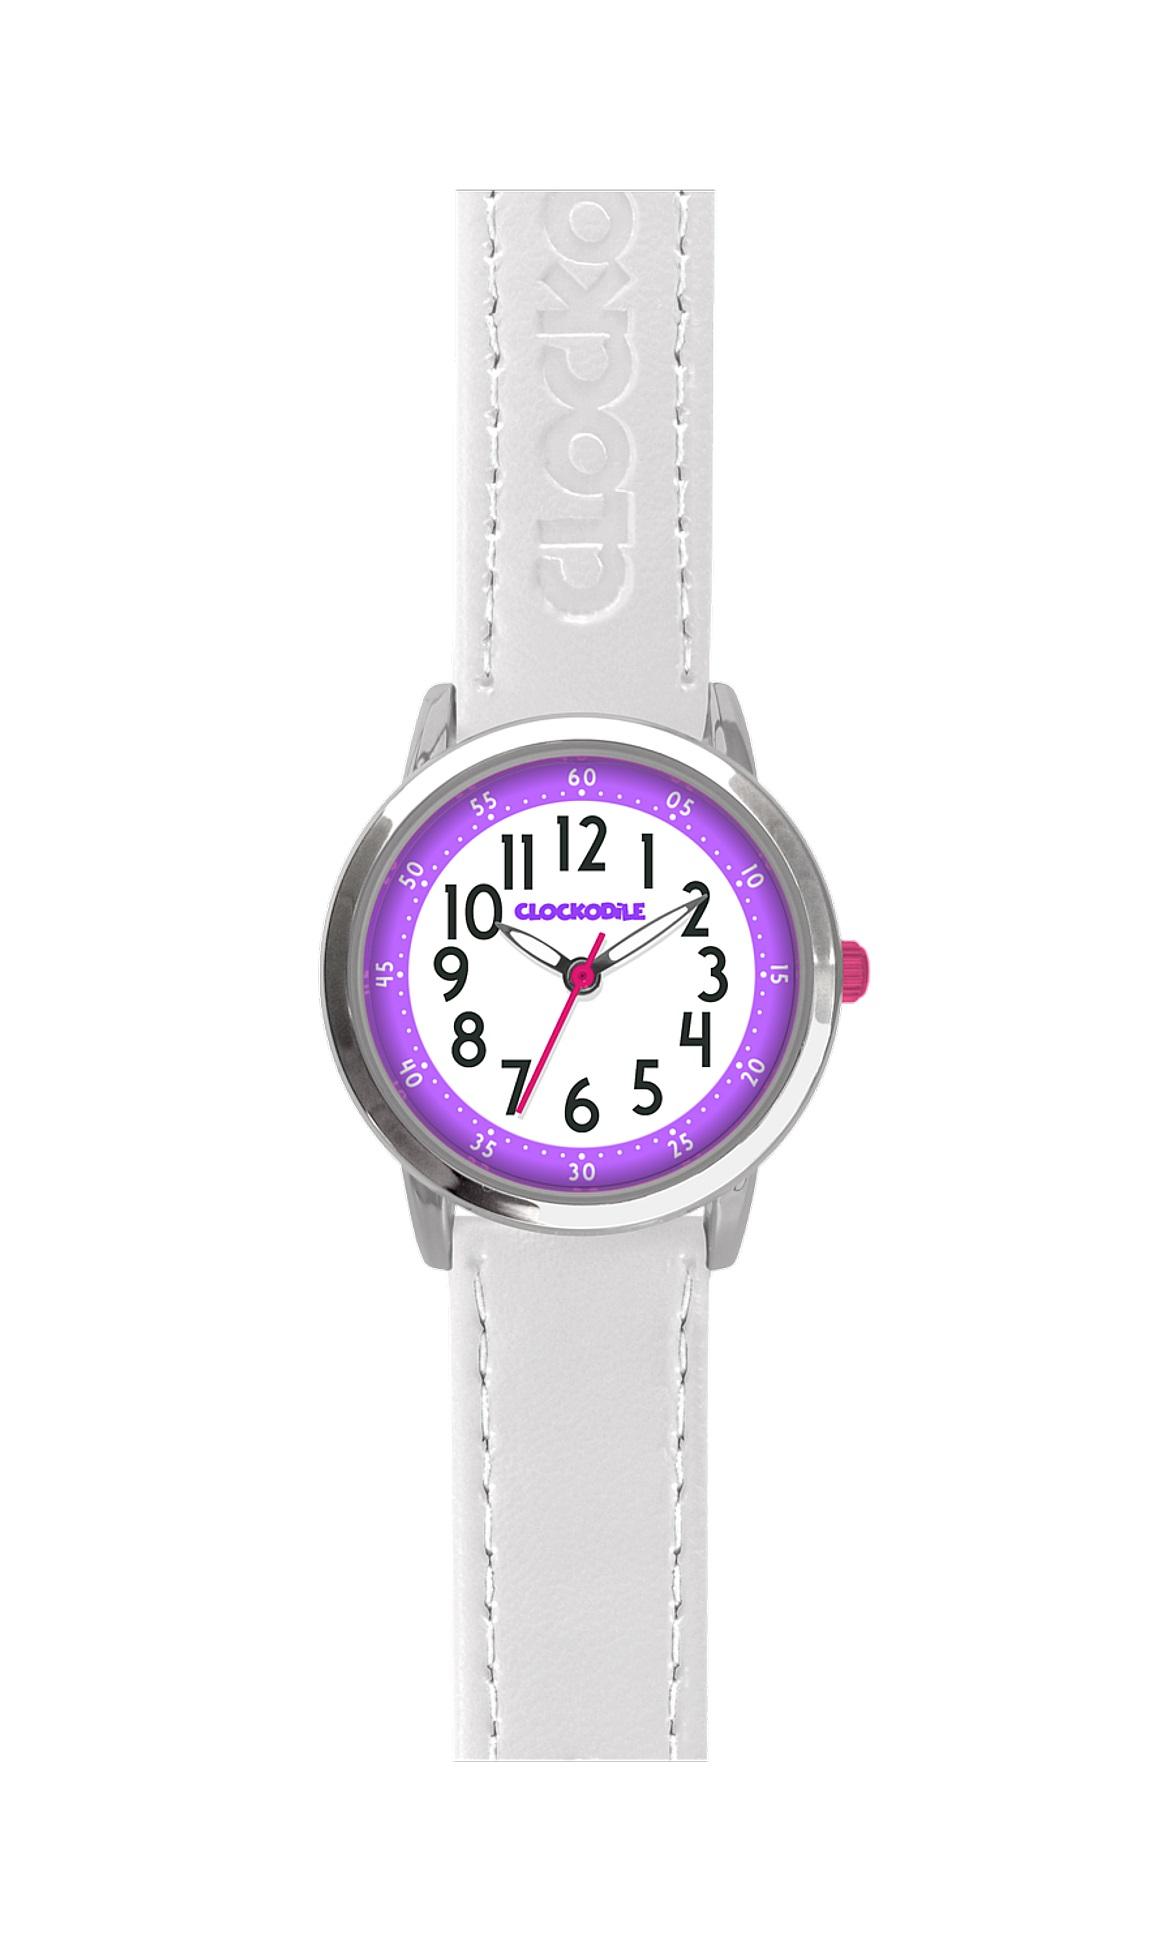 Bílé dívčí dětské hodinky CLOCKODILE COLOUR CWG5012